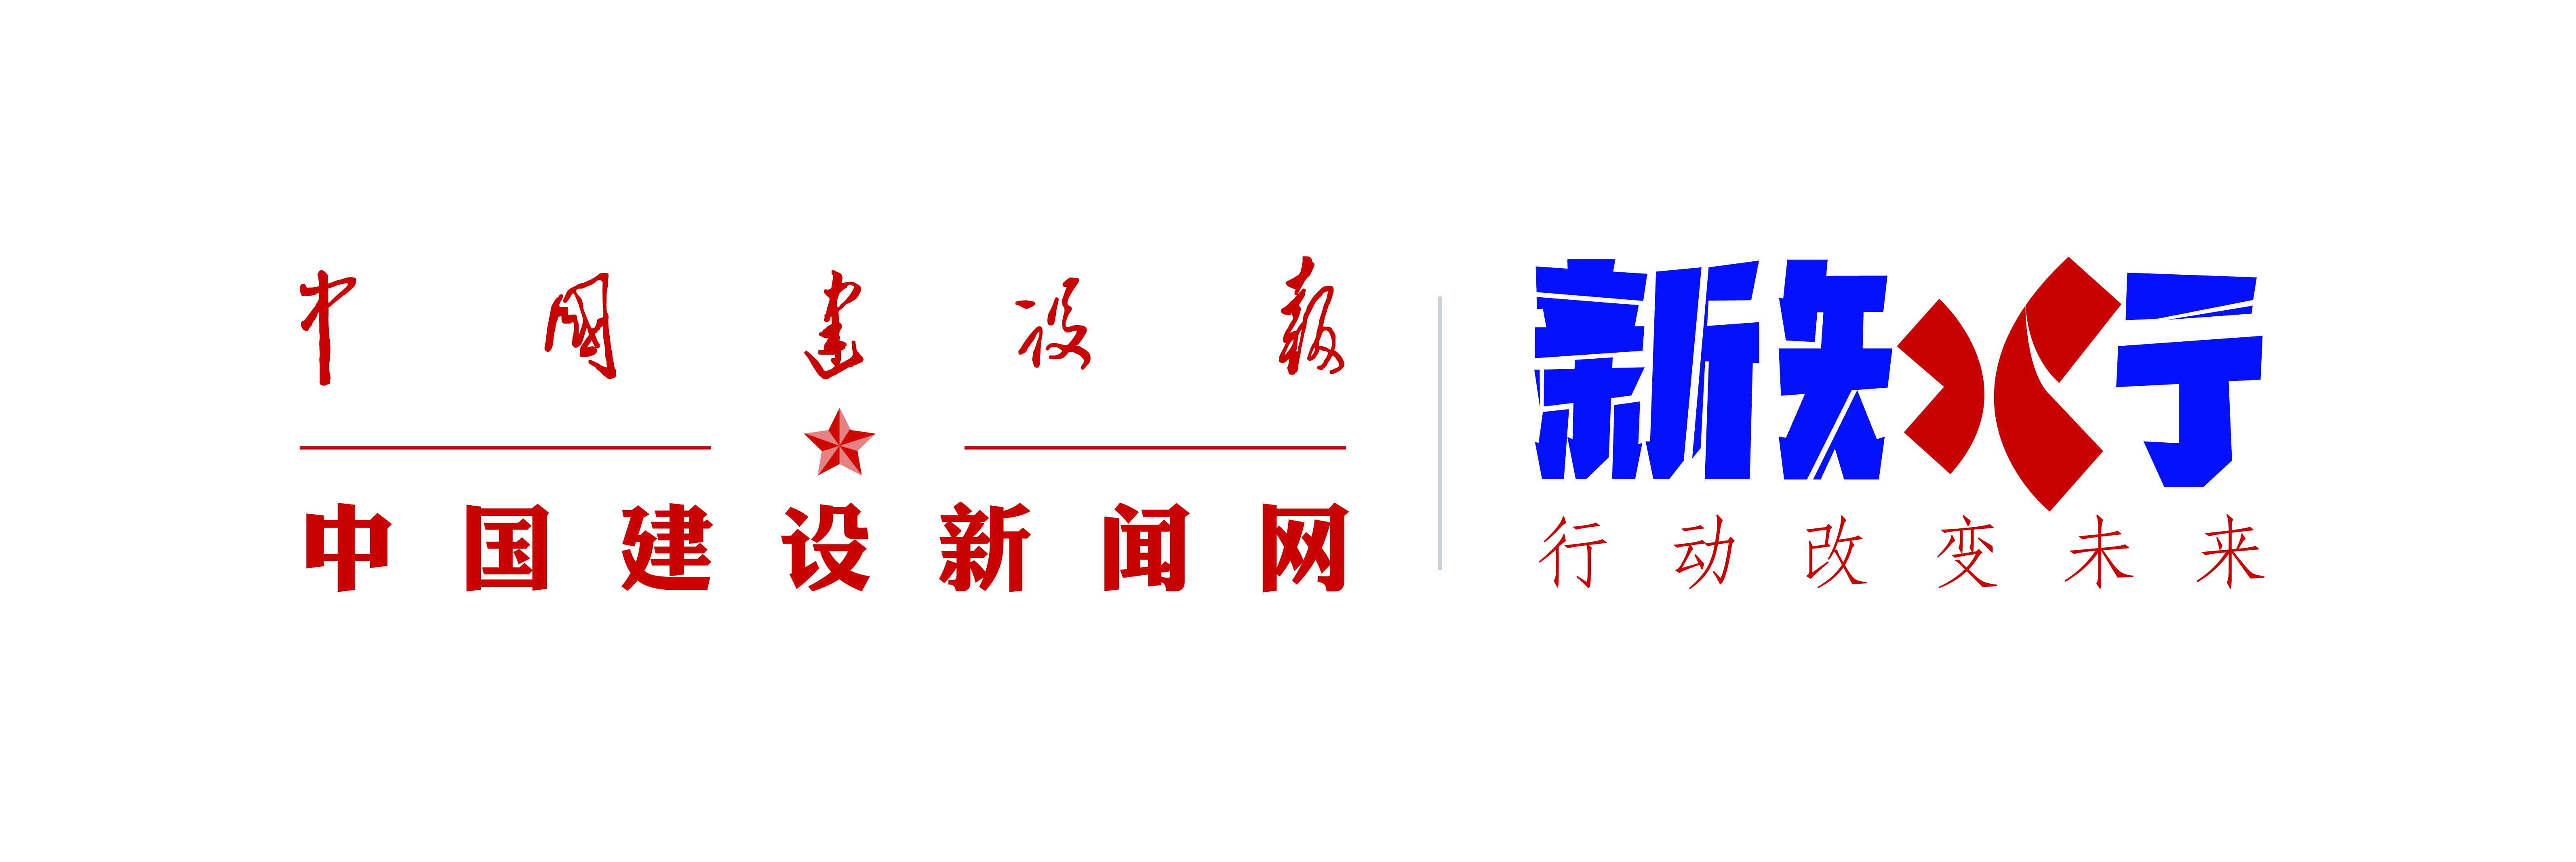 新知行logo设计_画板 1.jpg